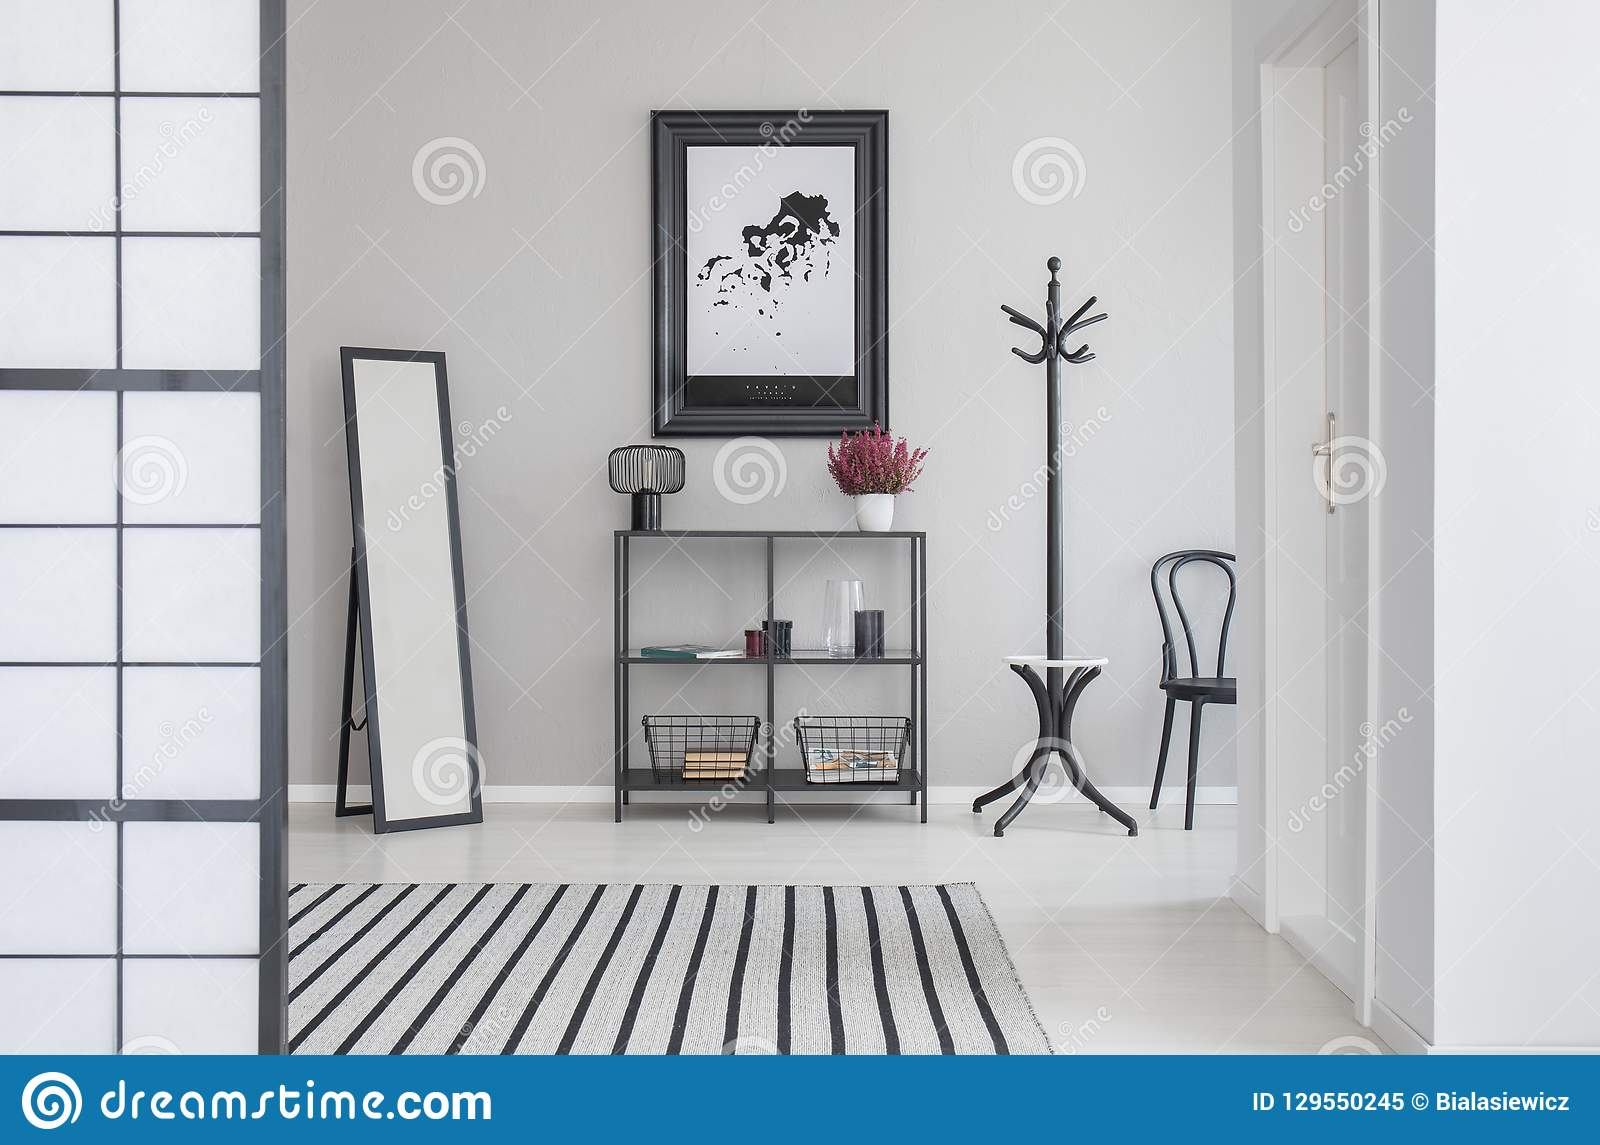 Översikt i svart ram på den gråa väggen av korridoren med spegeln, hyllan, hängaren och hår